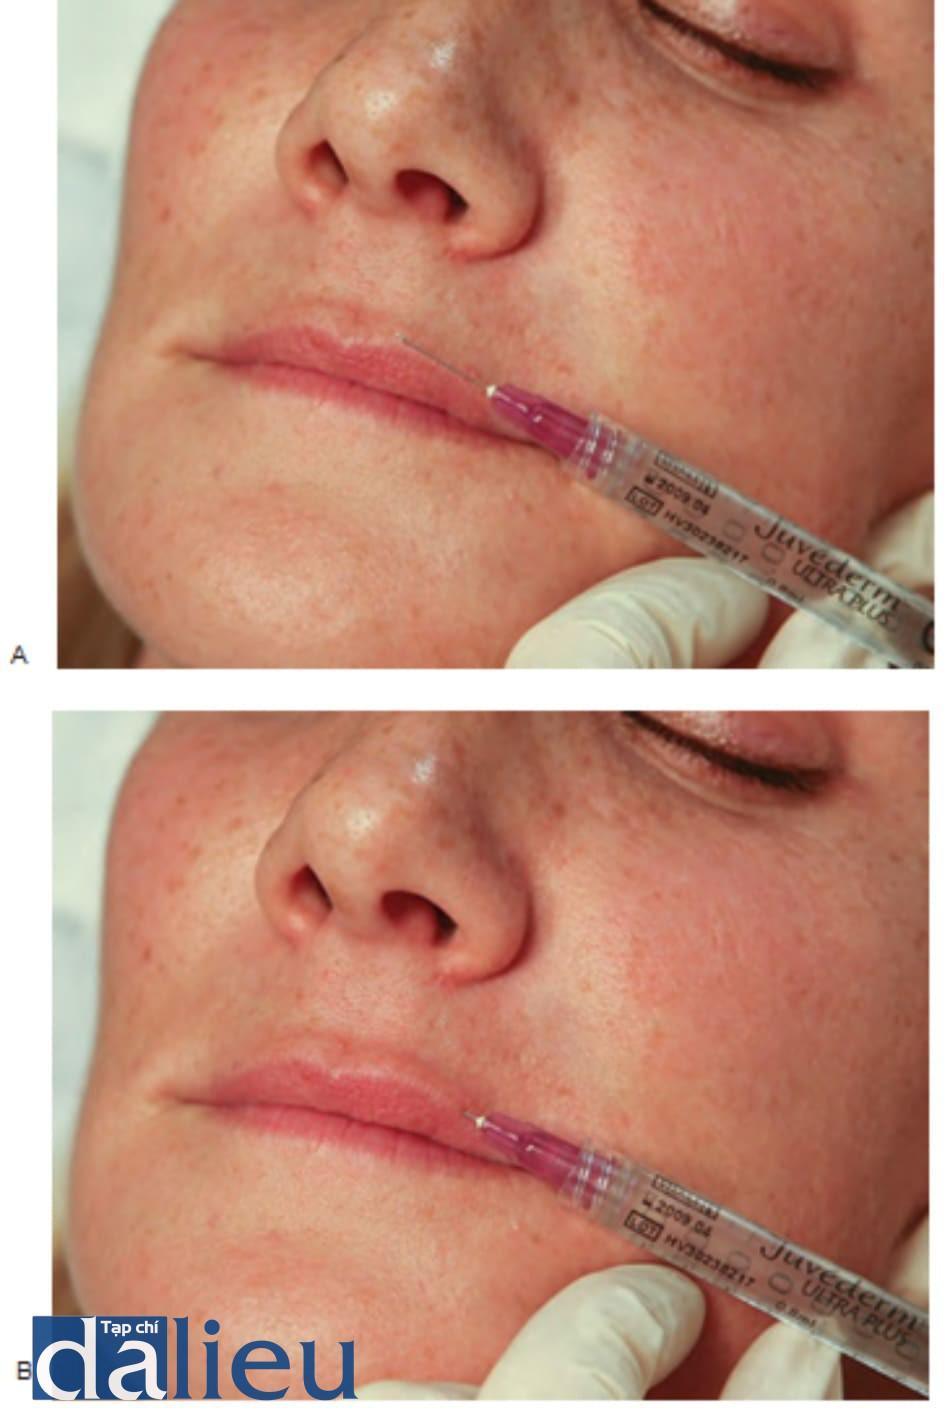 FIGURE 3 ● Lần tiêm đầu tiên cho điều trị làm đầy da của viền môi trên: xác định điểm chèn kim (A) và kỹ thuật tiêm (B).